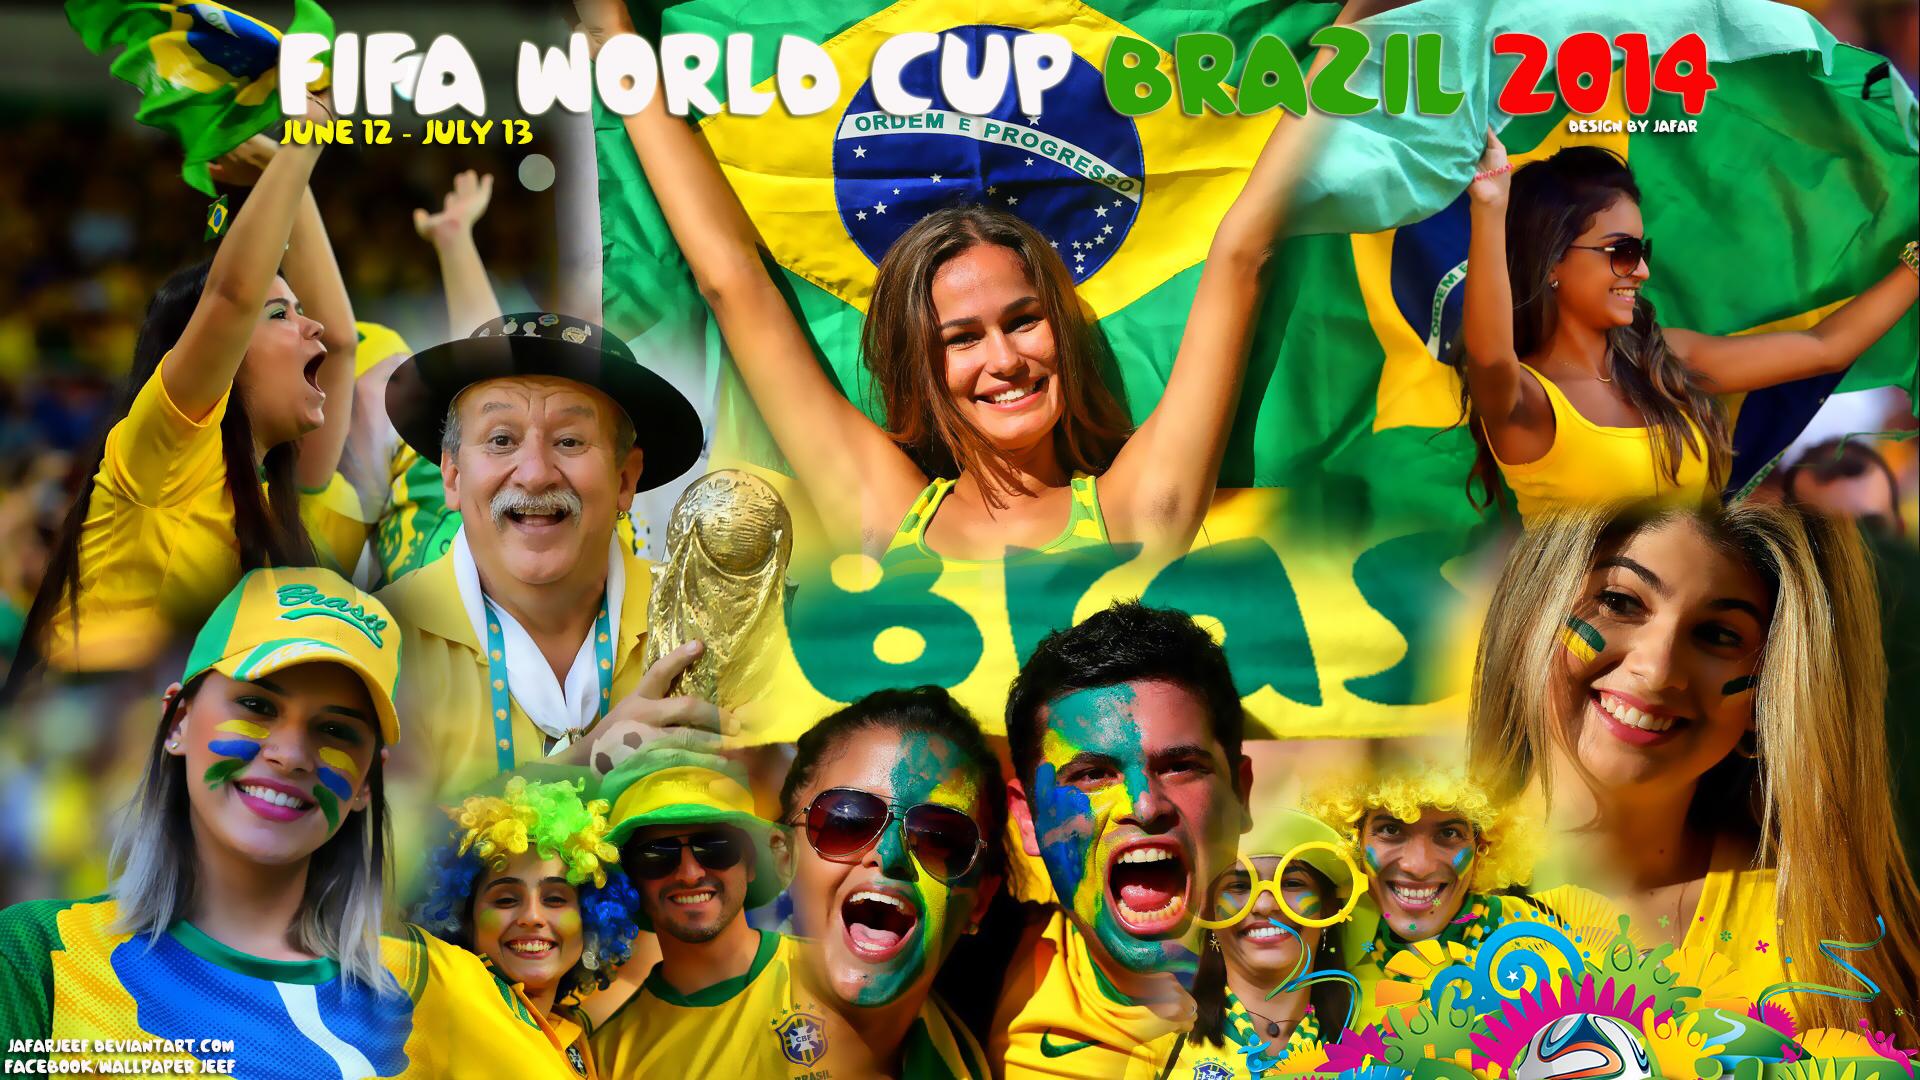 Mundial Brasil 2014 - 1920x1080